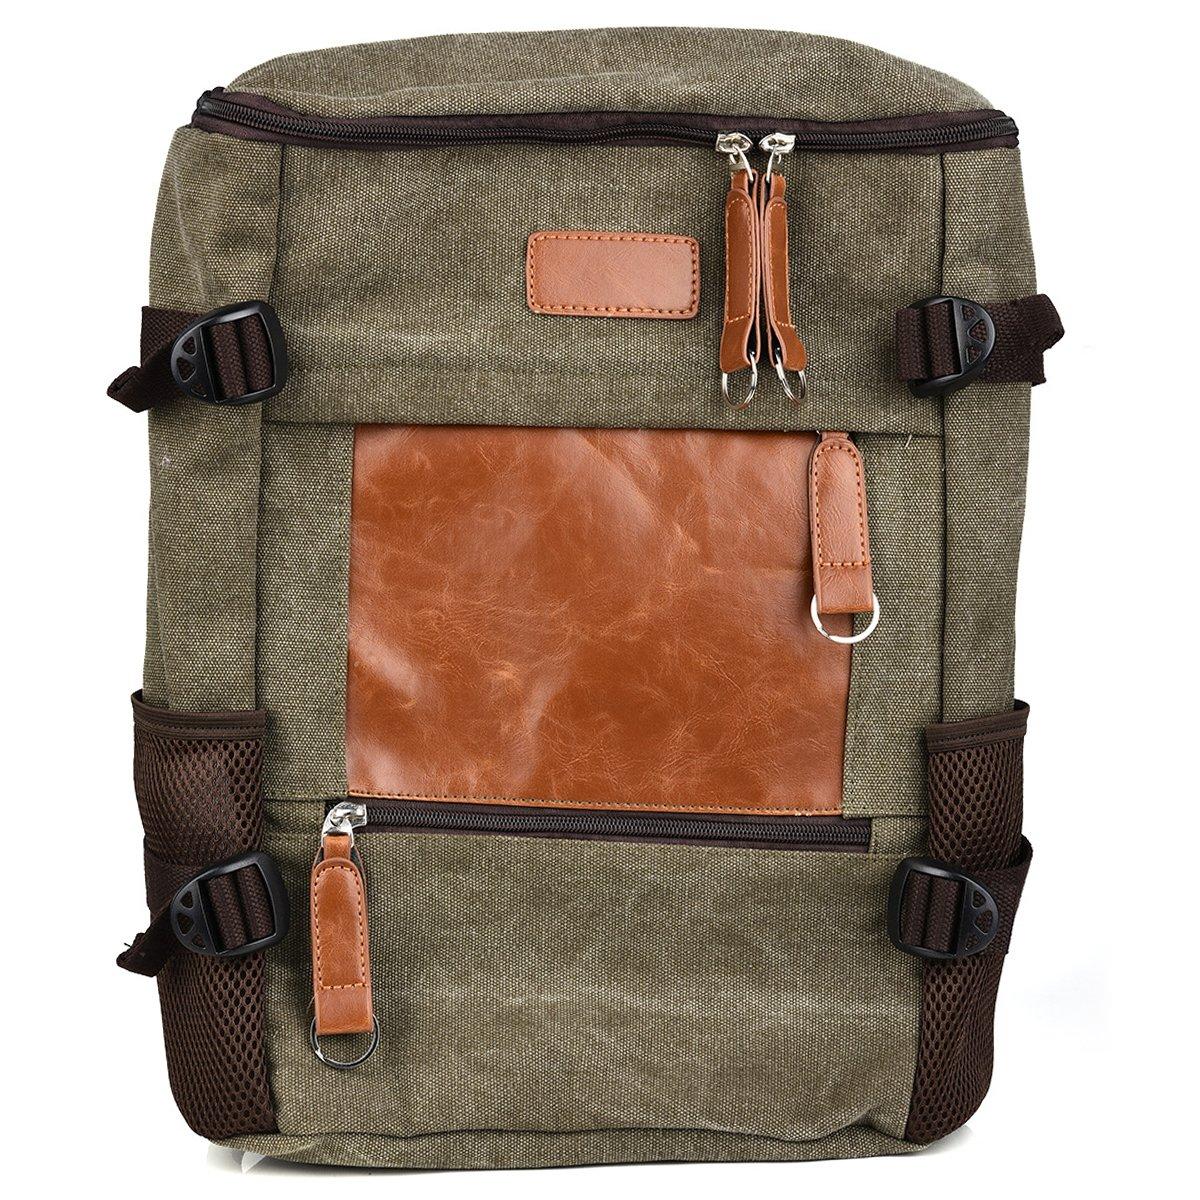 Olive/Brown Vintage Laptop College Backpack For Apple MacBook Pro 13'' w/Retina Series, MacBook Air 13.3'', MacBook Air 11.6'' Laptop